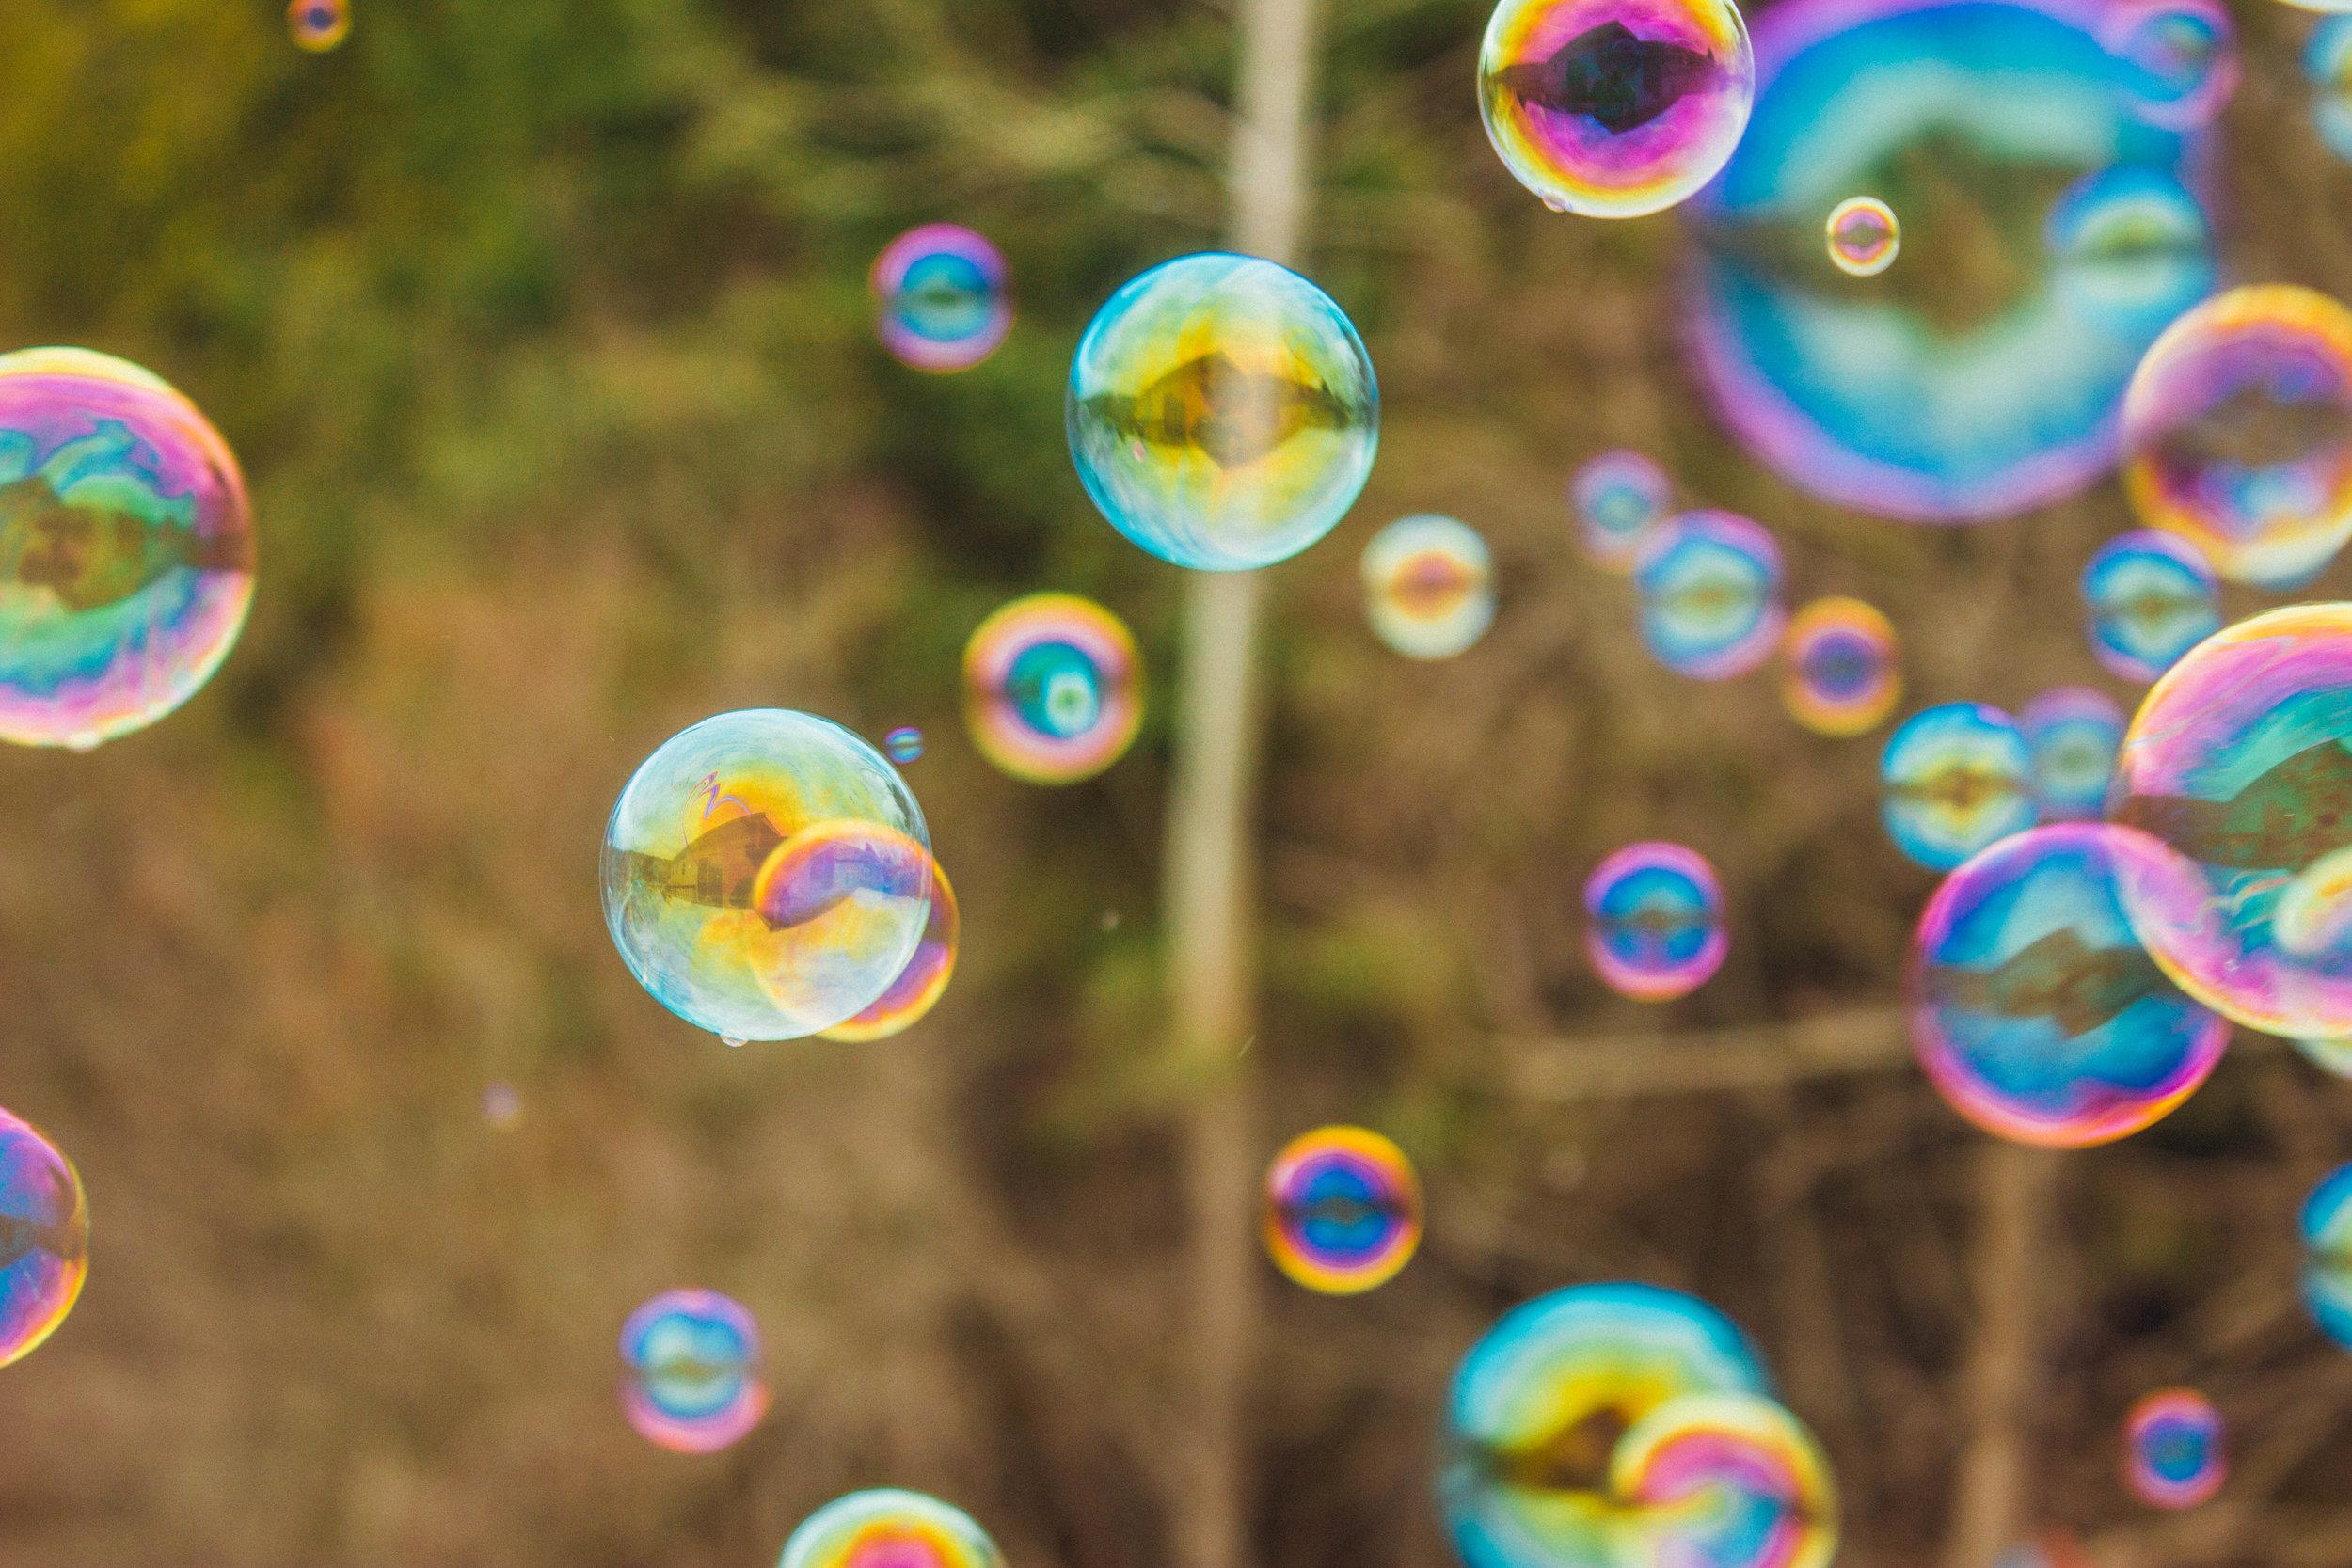 morebubbles